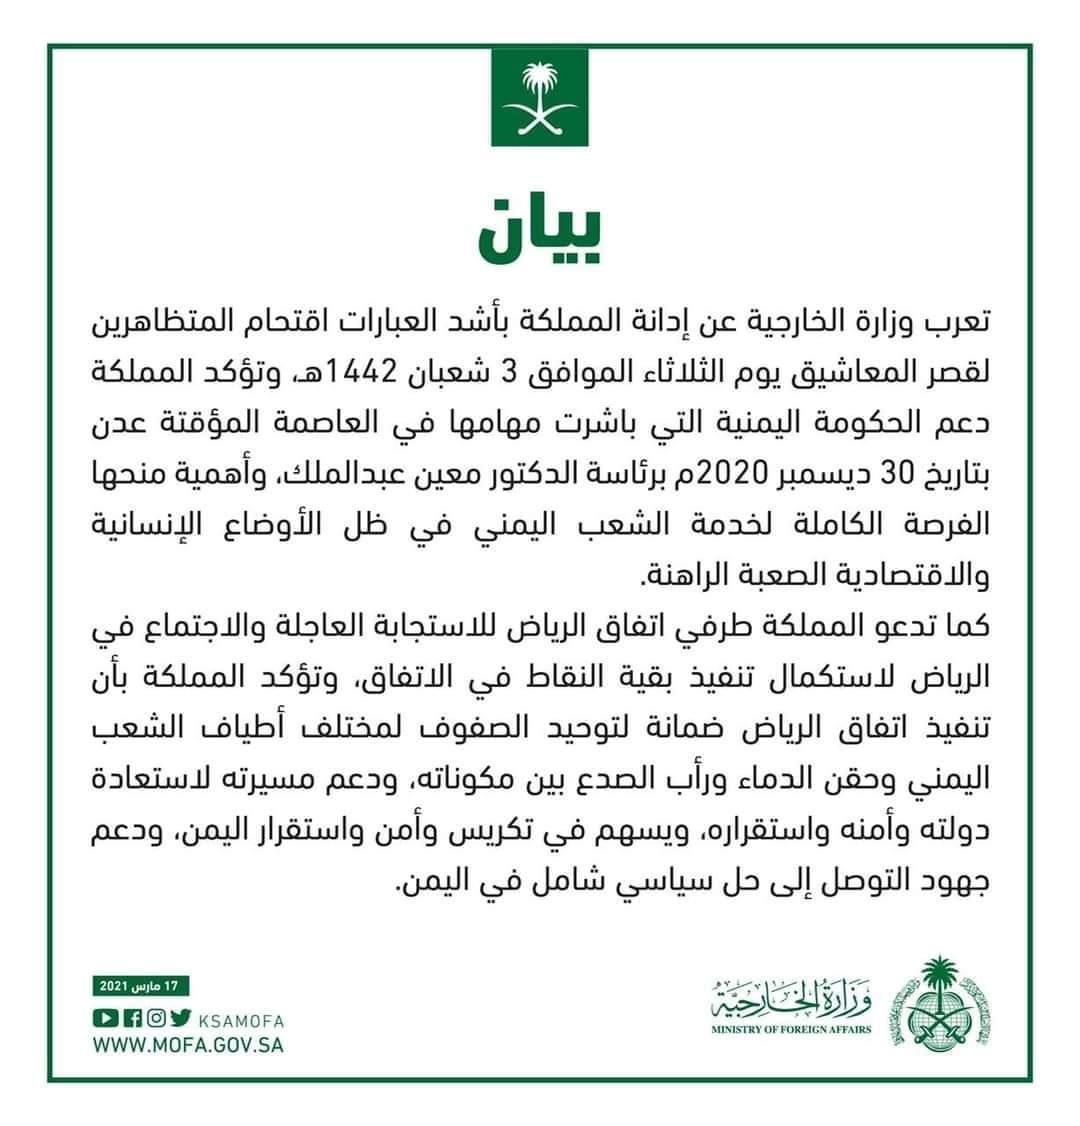 السعودية توجه دعوة عاجلة لطرفي إتفاق الرياض وتوضح موقفها من إقتحام المعاشيق(بيان)